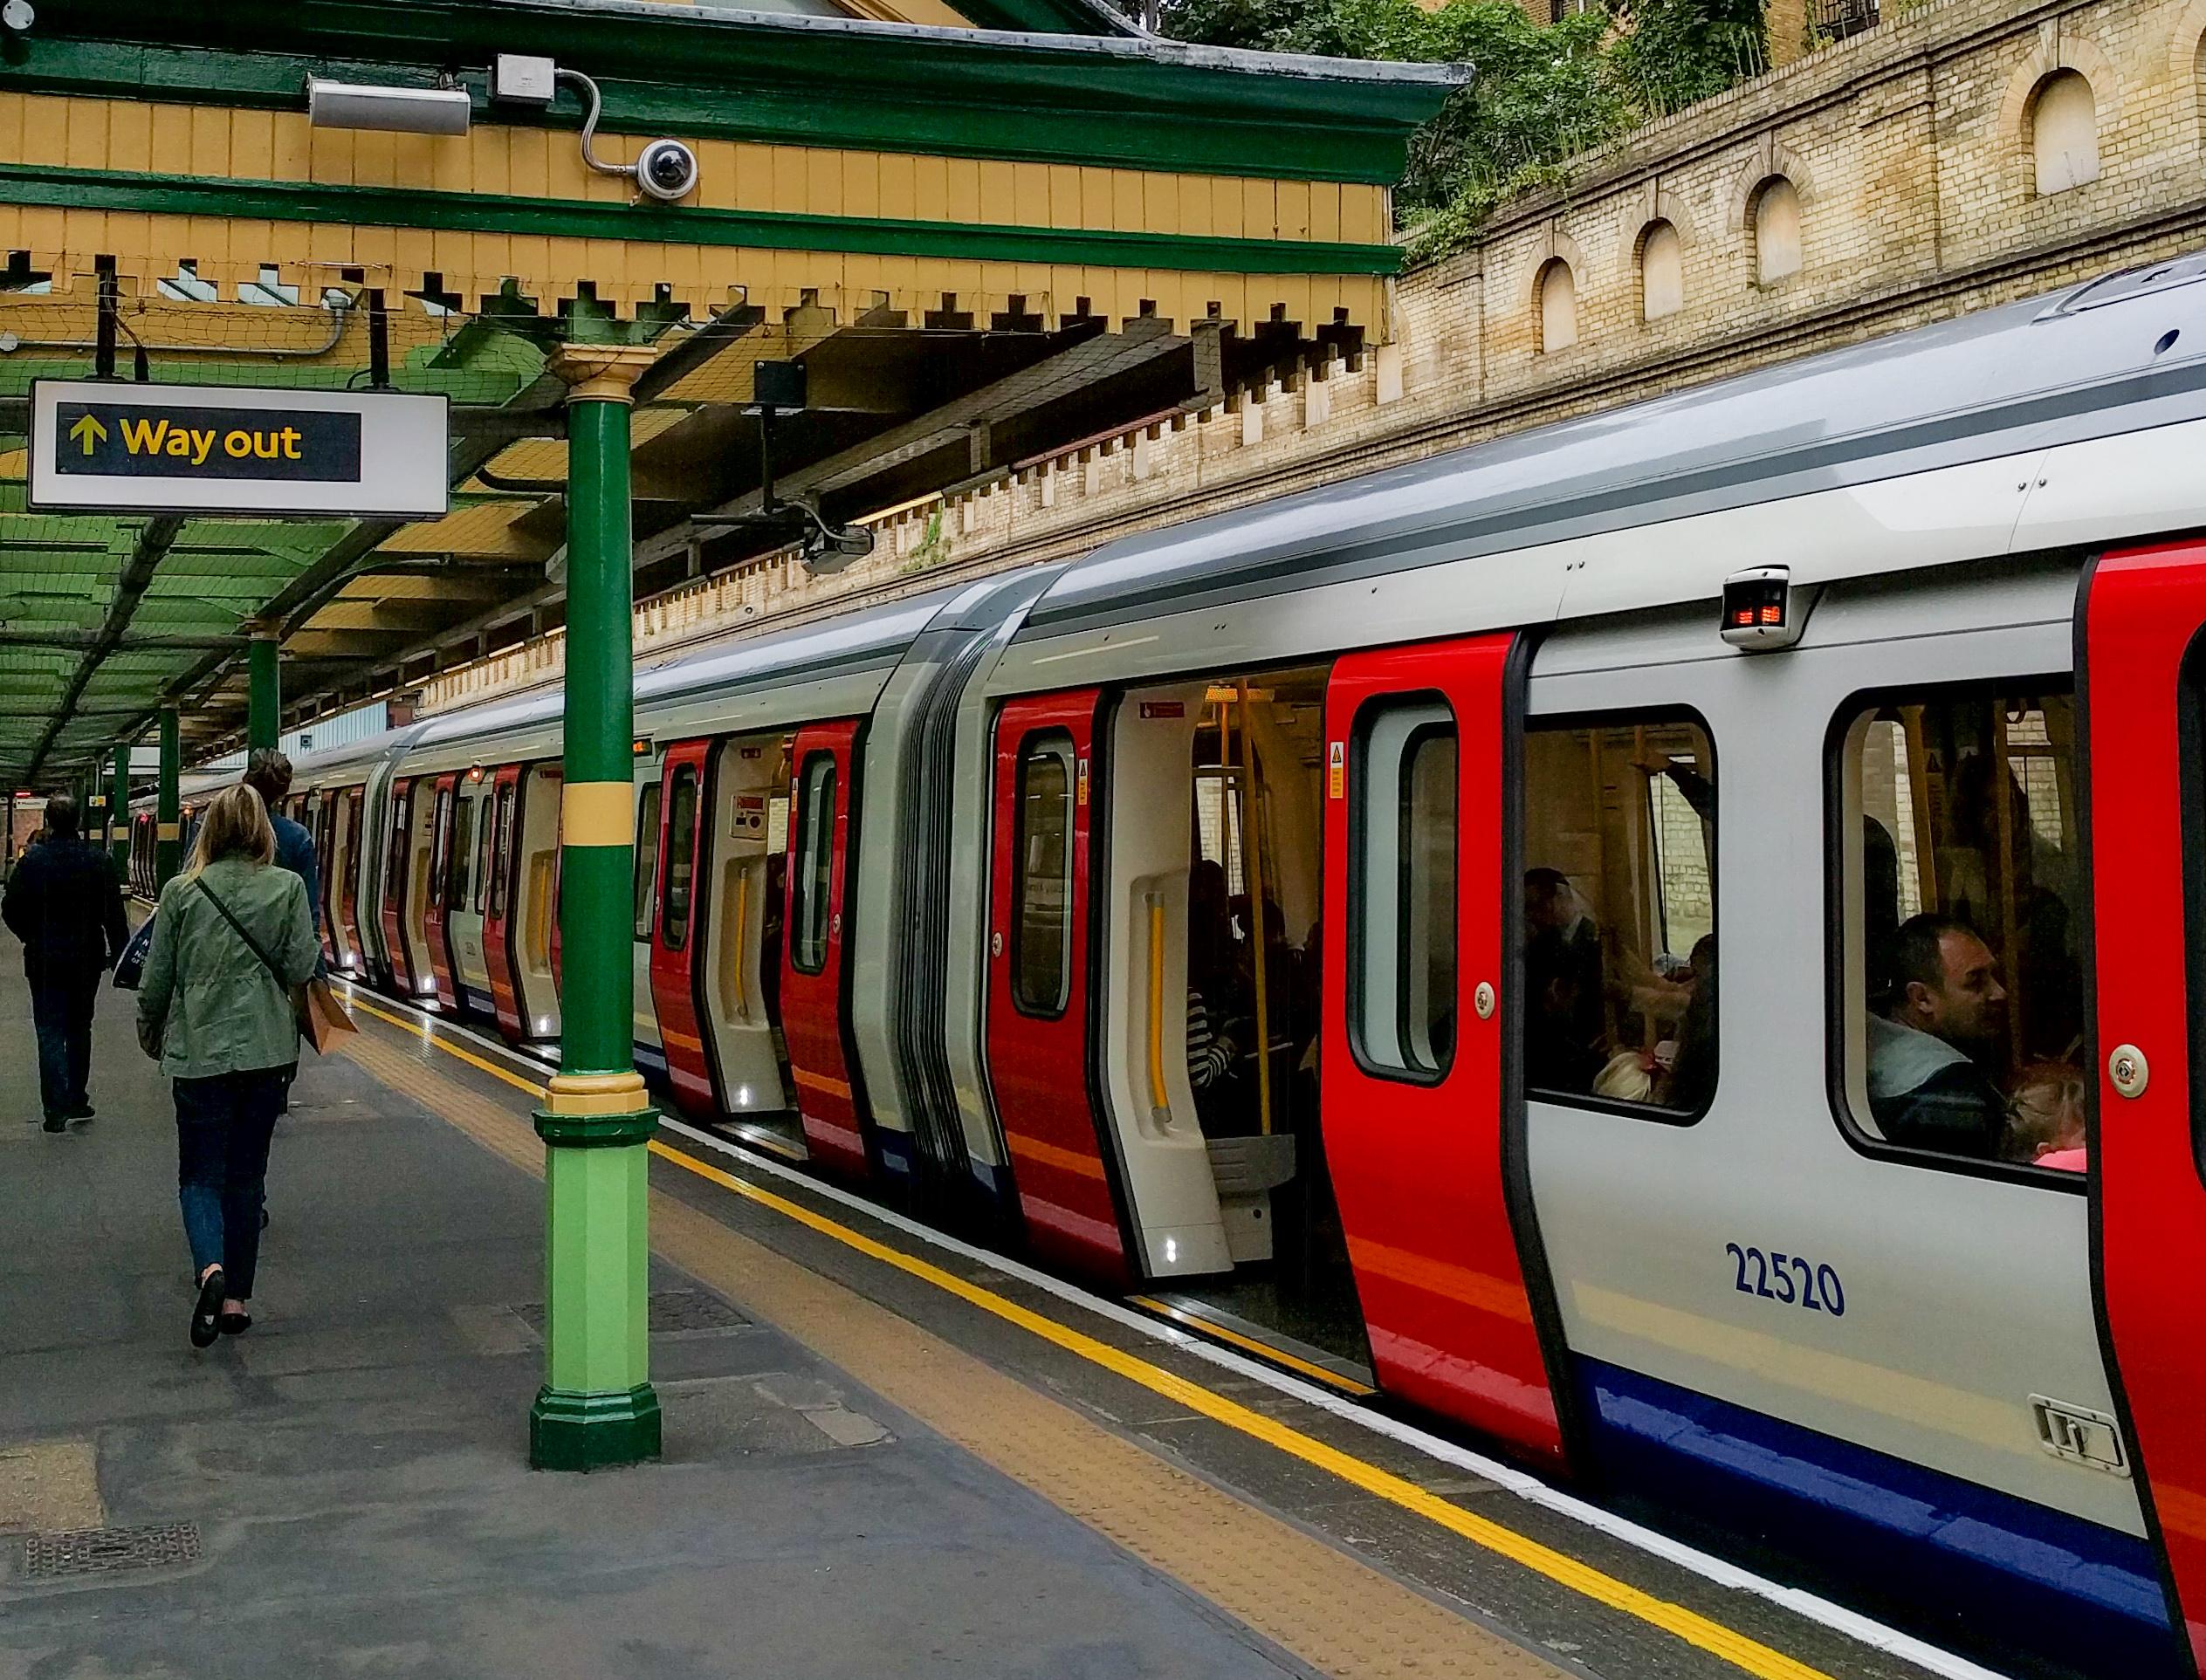 רכבת תחתית בלונדון עם עלייה רציפה